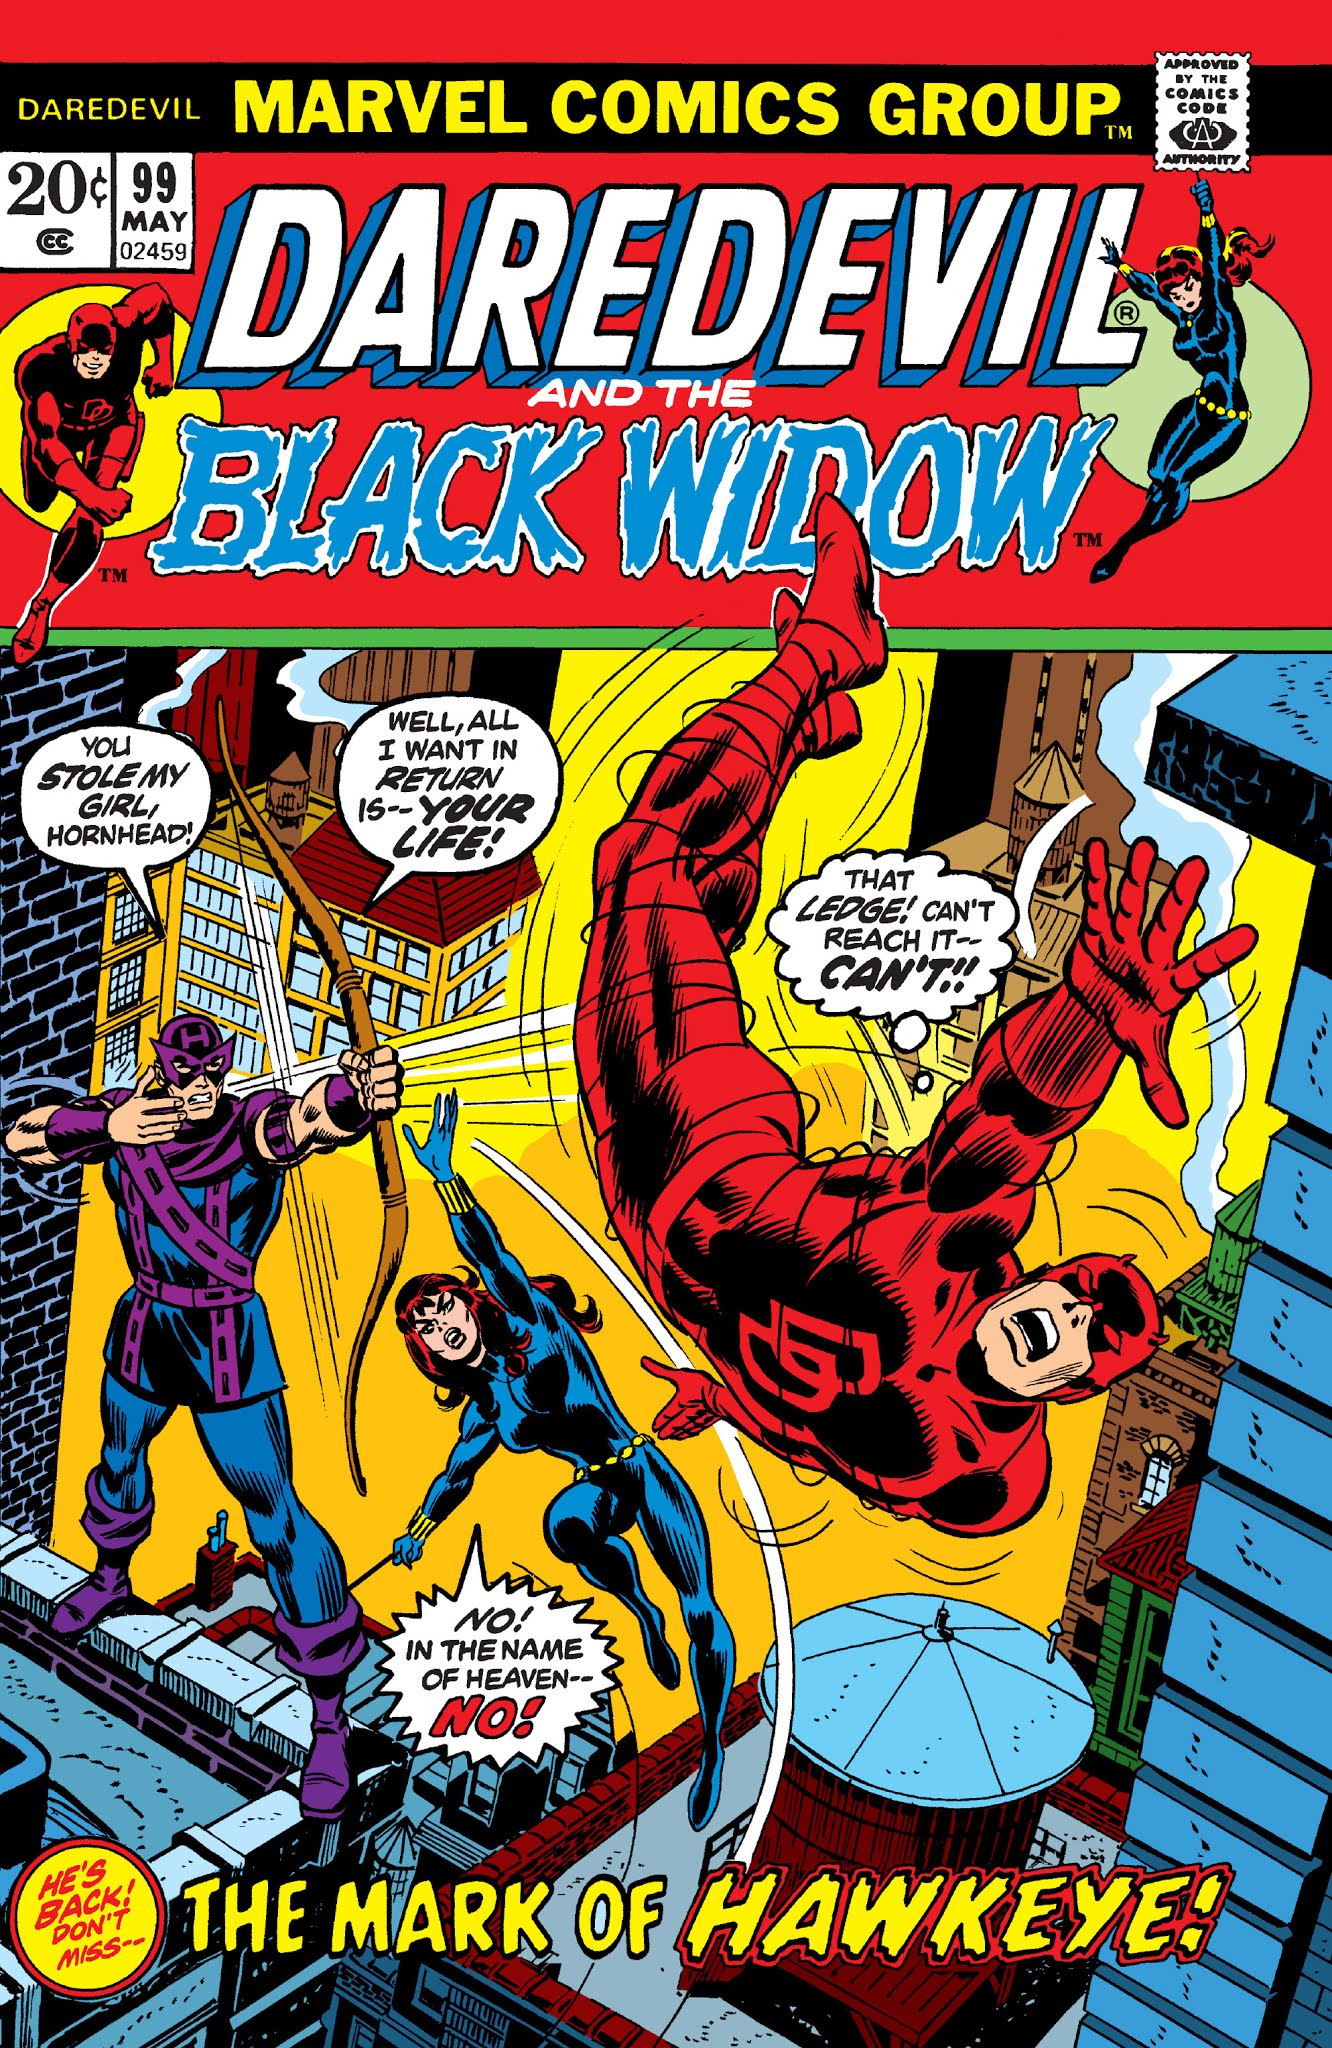 Daredevil Vol 1 99